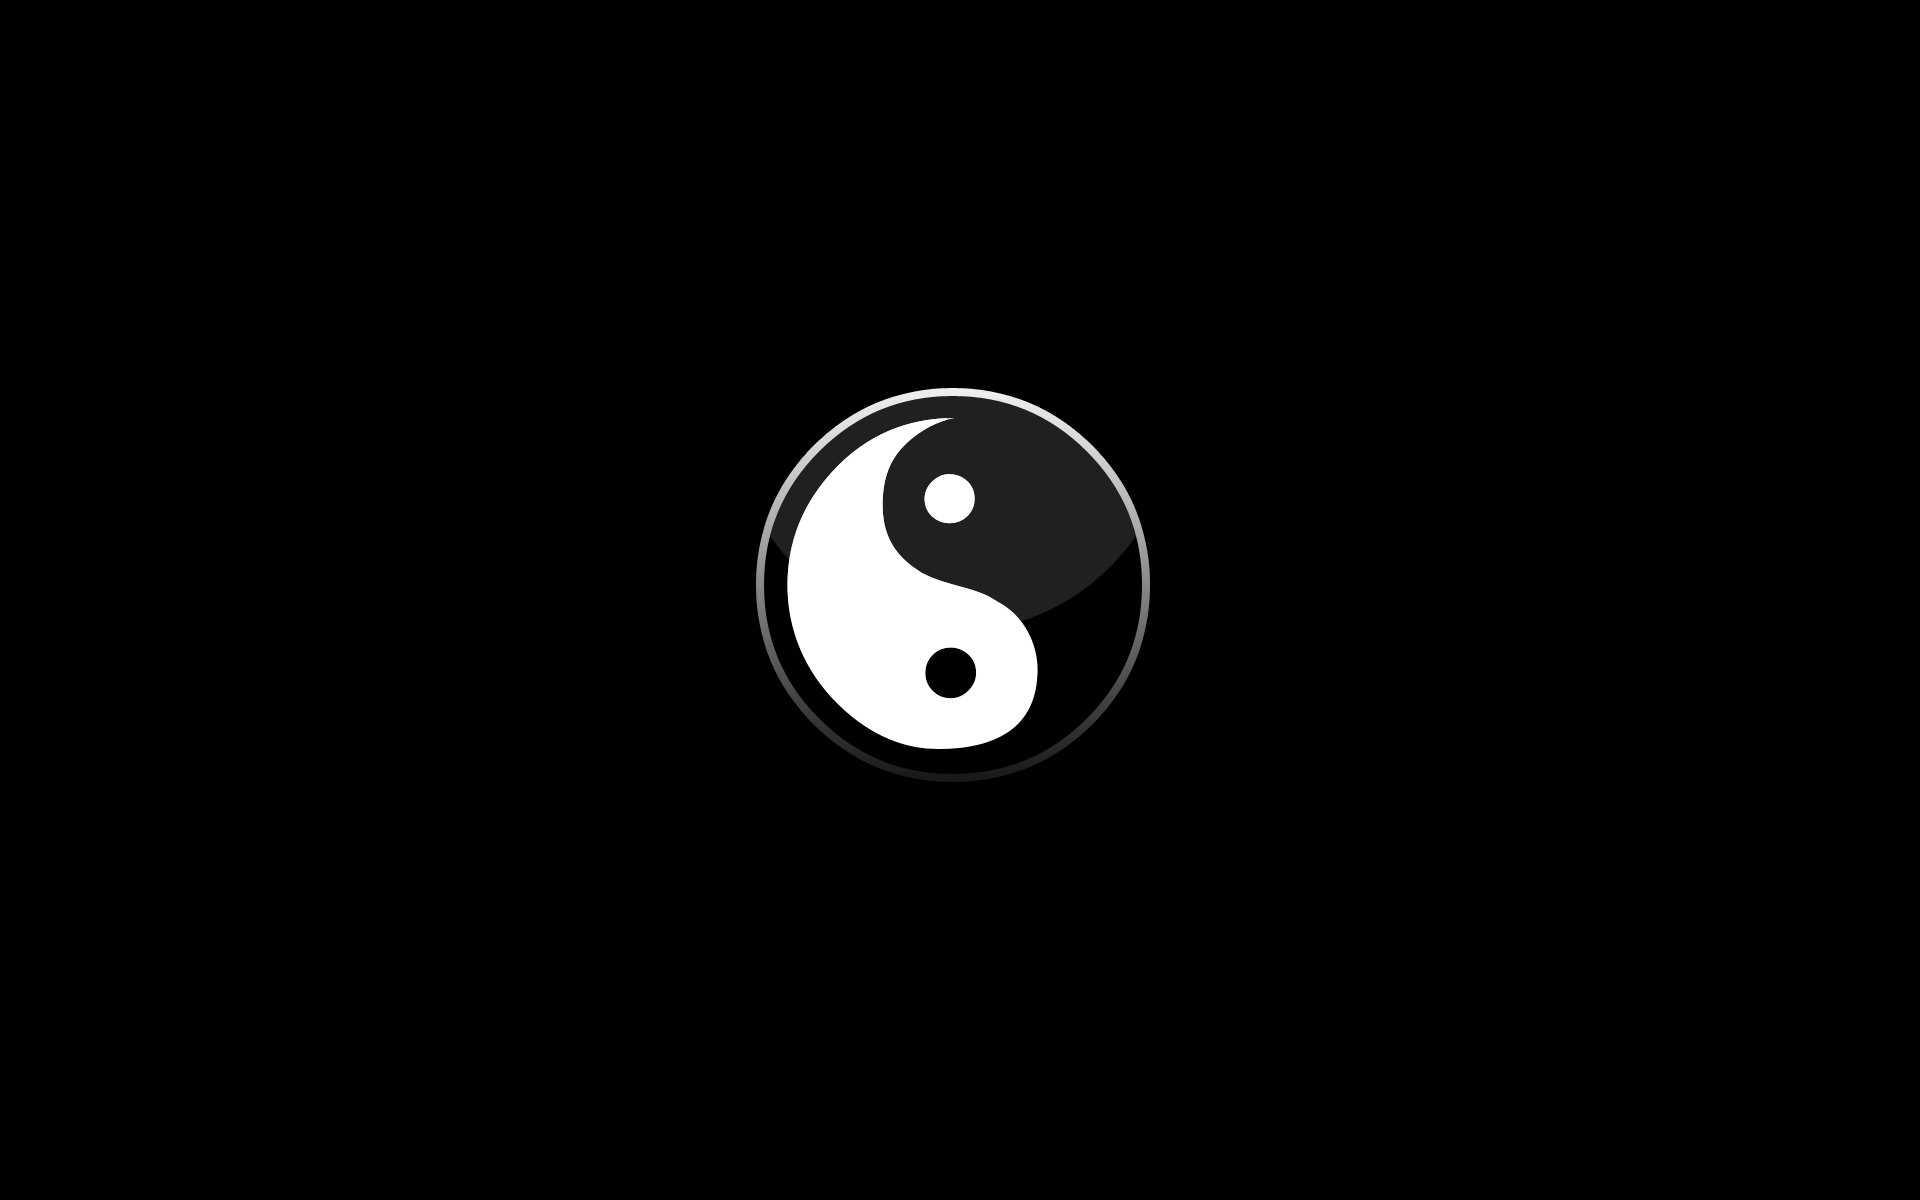 yin yang wallpaper abstract wallpapers taken from yin yang